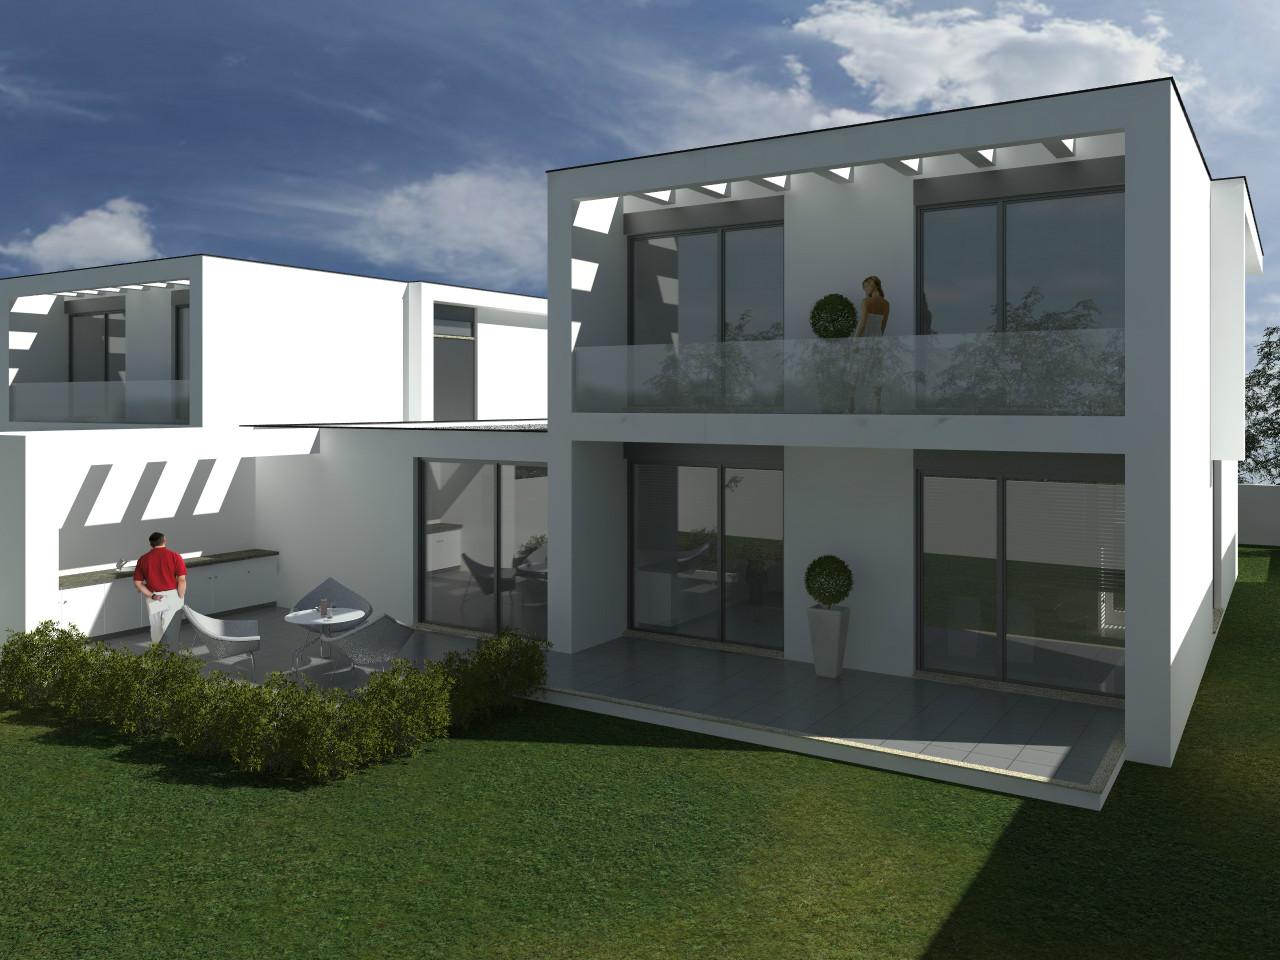 moradias individuais, churrasqueira, piscina, celeiros, braga, luxo, dois pisos